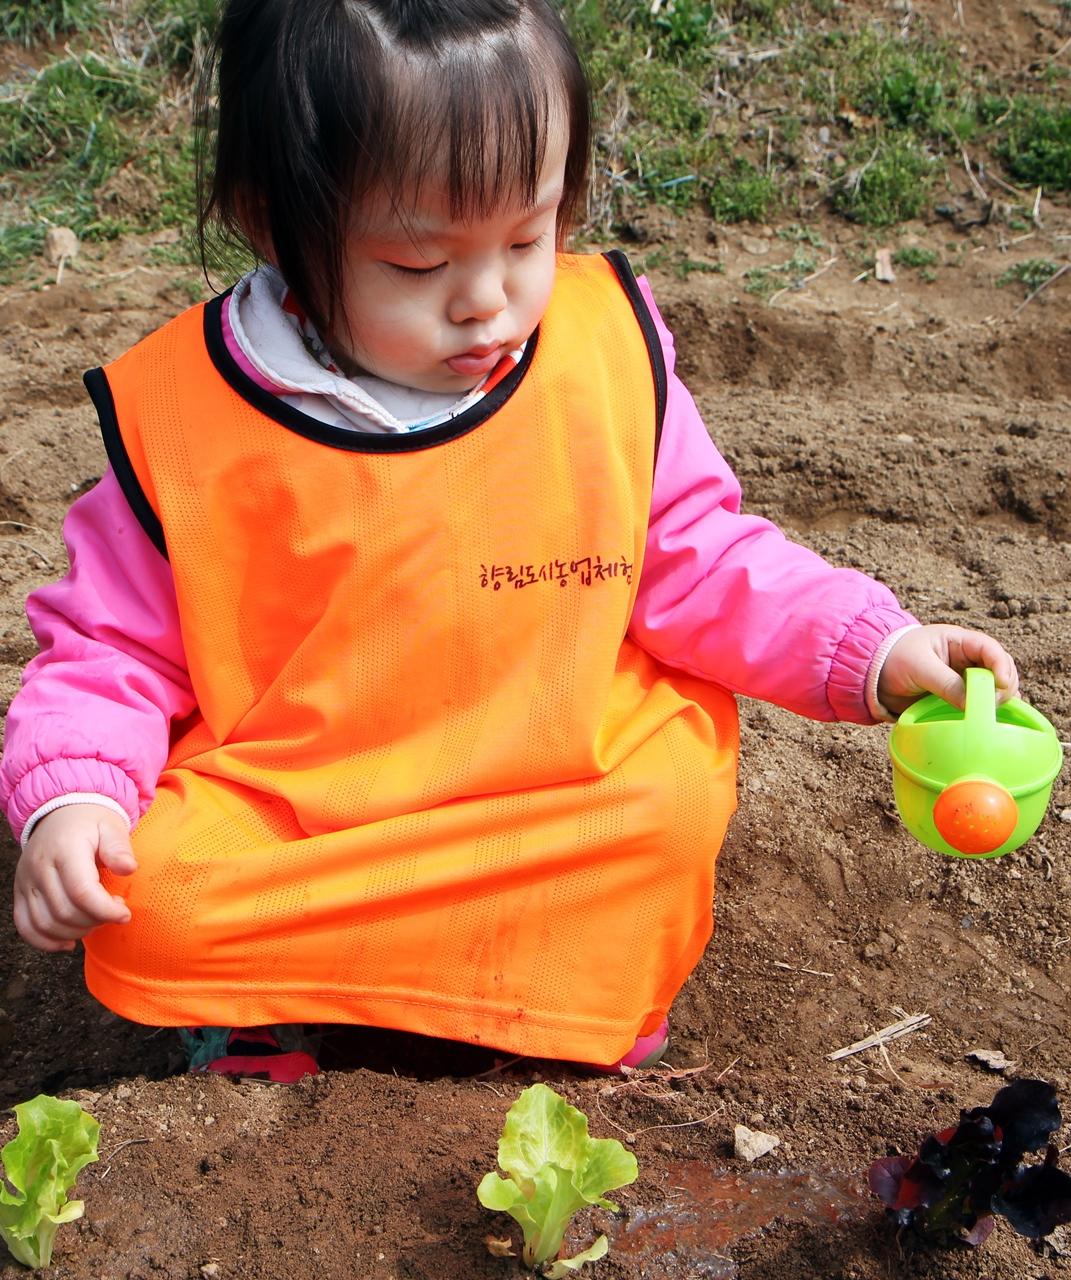 아기농부 아린(3)이가 상추에 물을 뿌리고 있습니다.